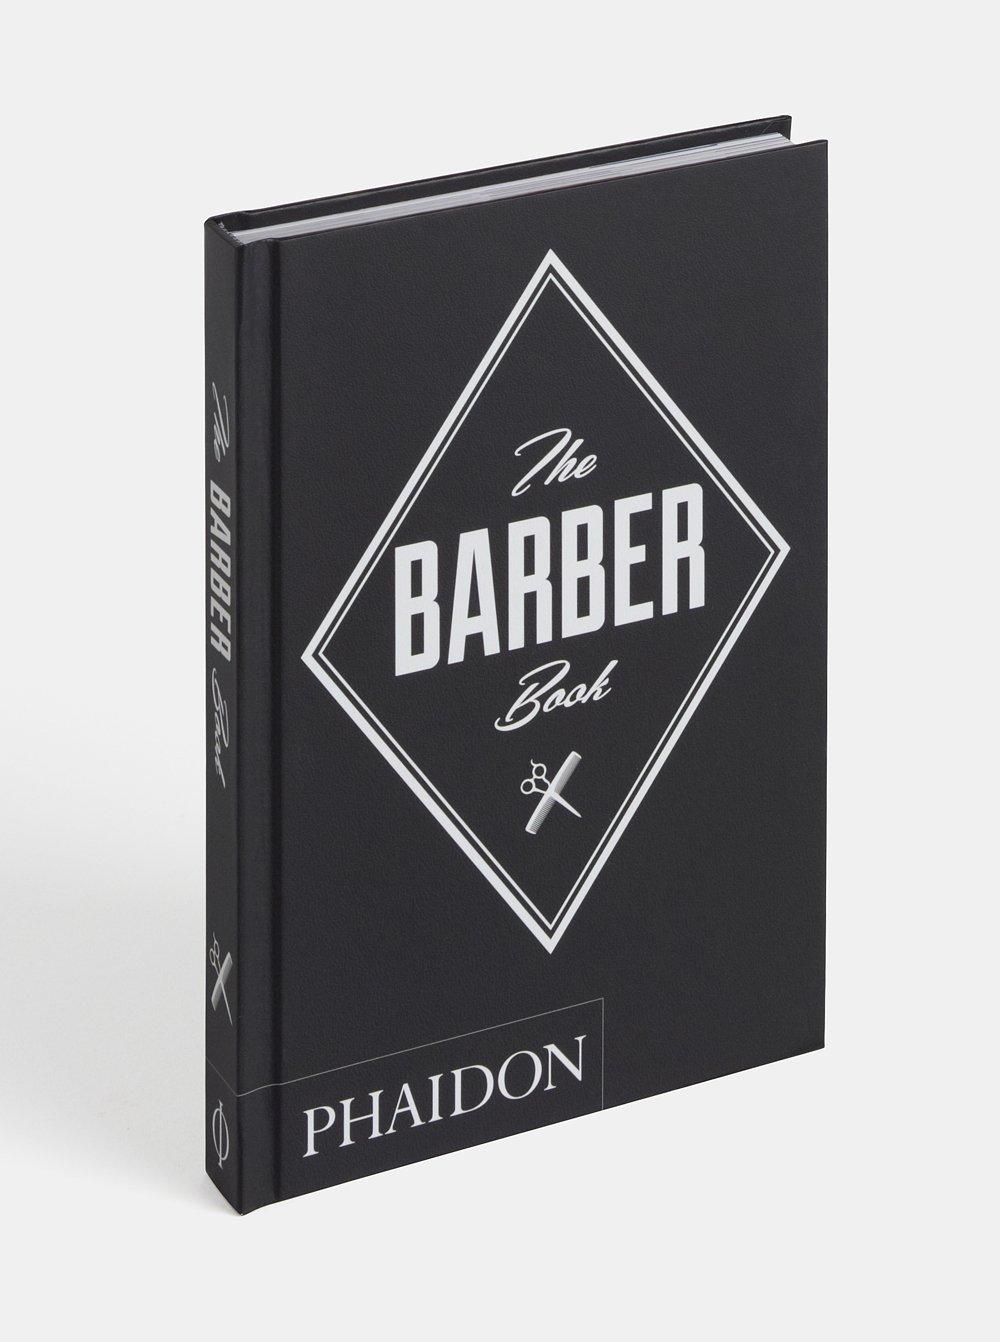 The Barber Book: Phaidon Press: 9780714871042: Amazon com: Books